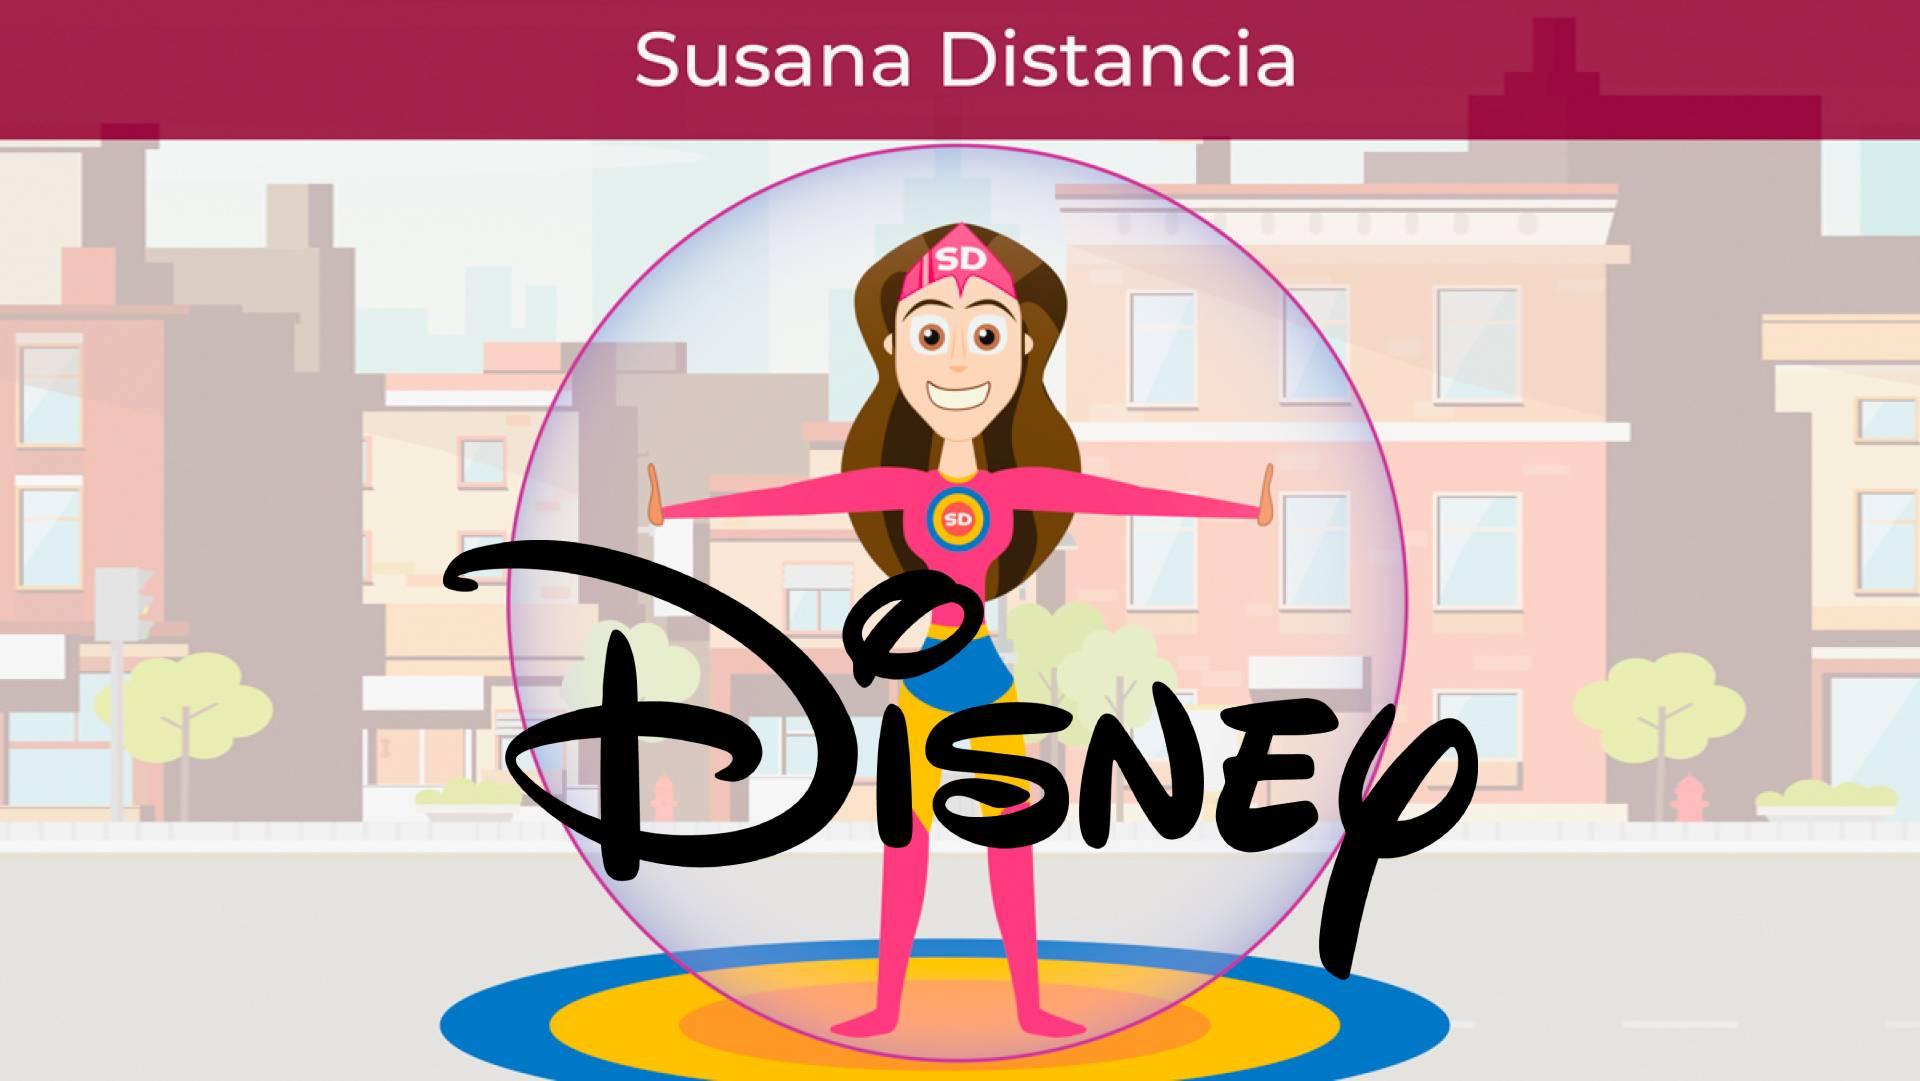 imagen de susana distancia con logo de disney